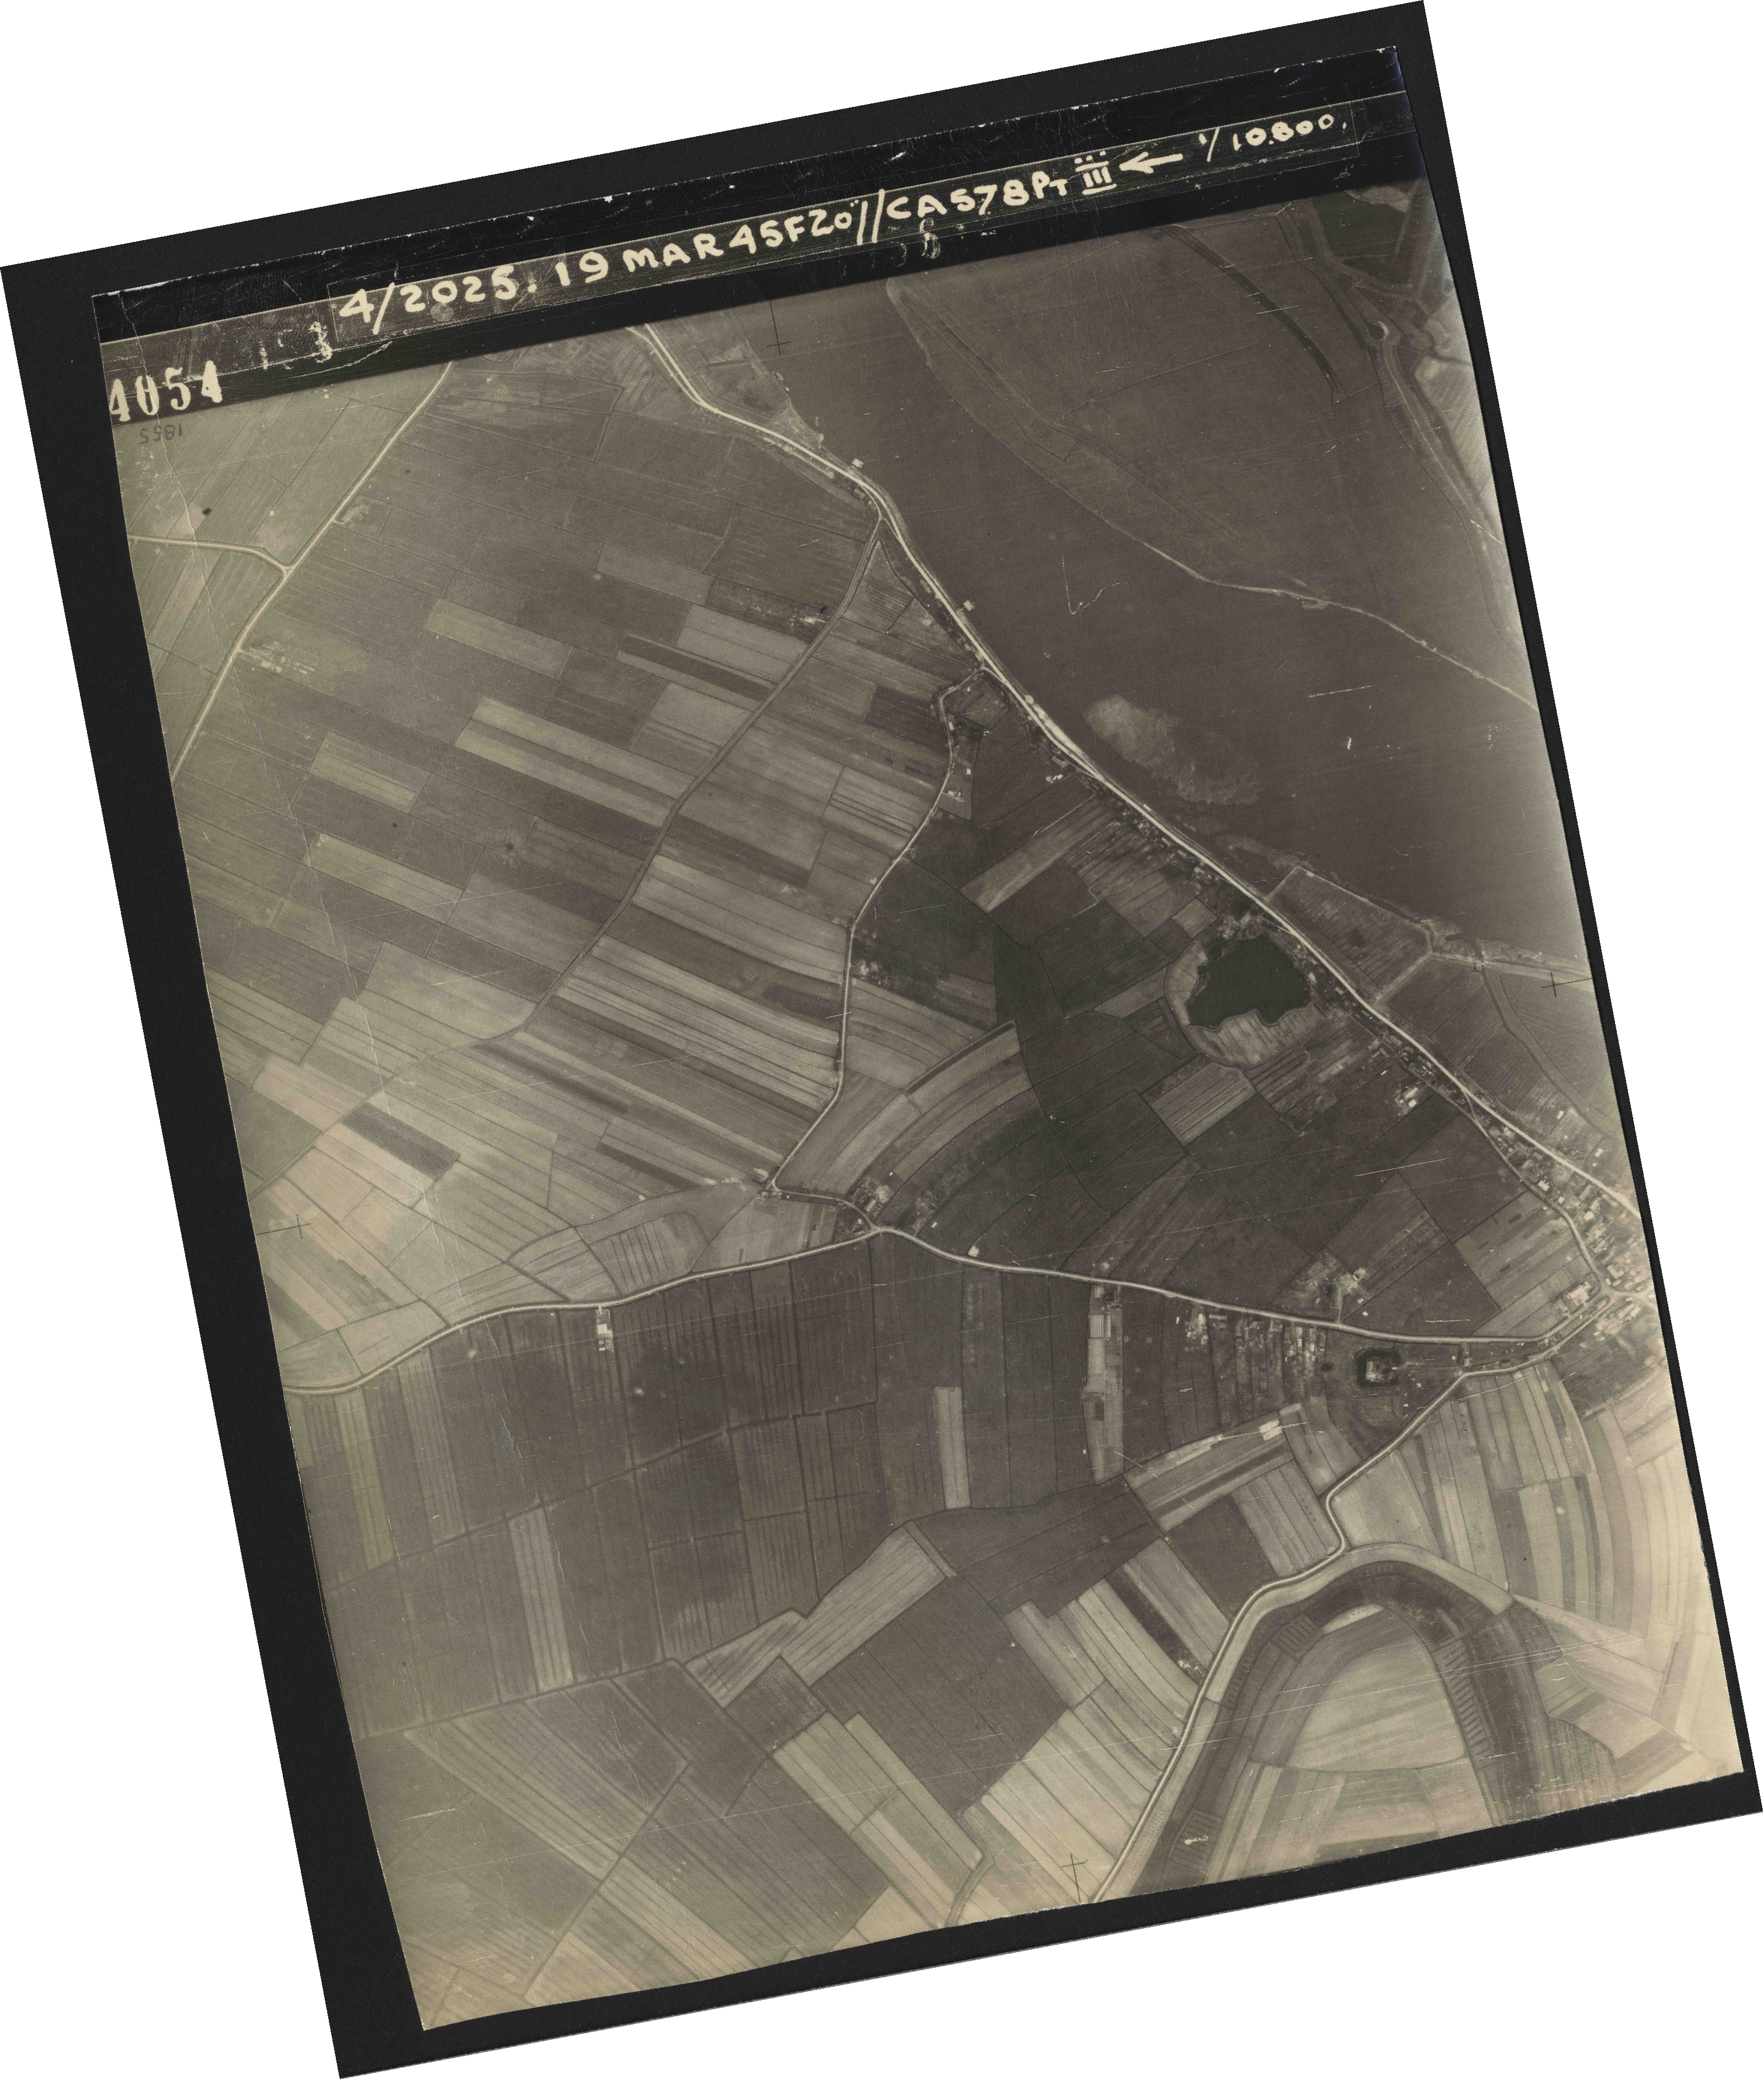 Collection RAF aerial photos 1940-1945 - flight 094, run 07, photo 4054